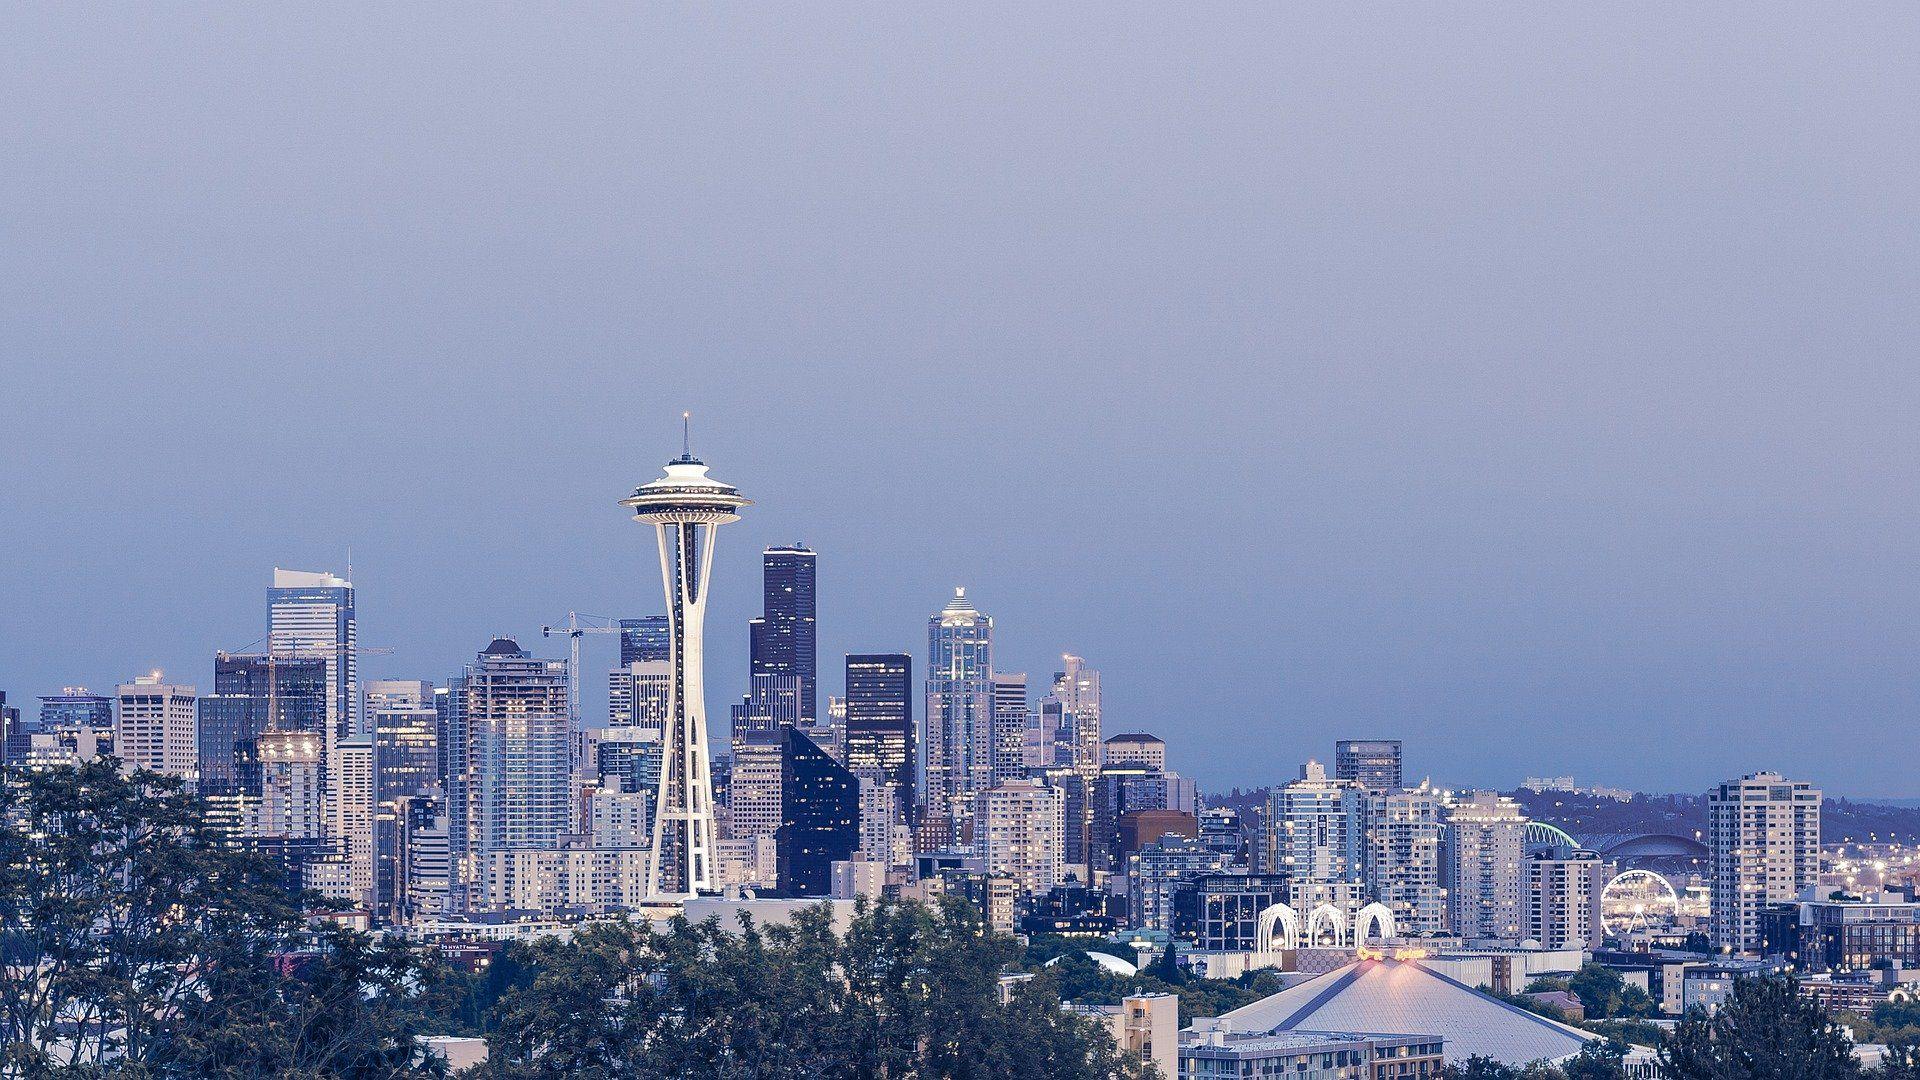 ゲイツ財団、シアトル住民にコロナウイルス検査キット配布へ